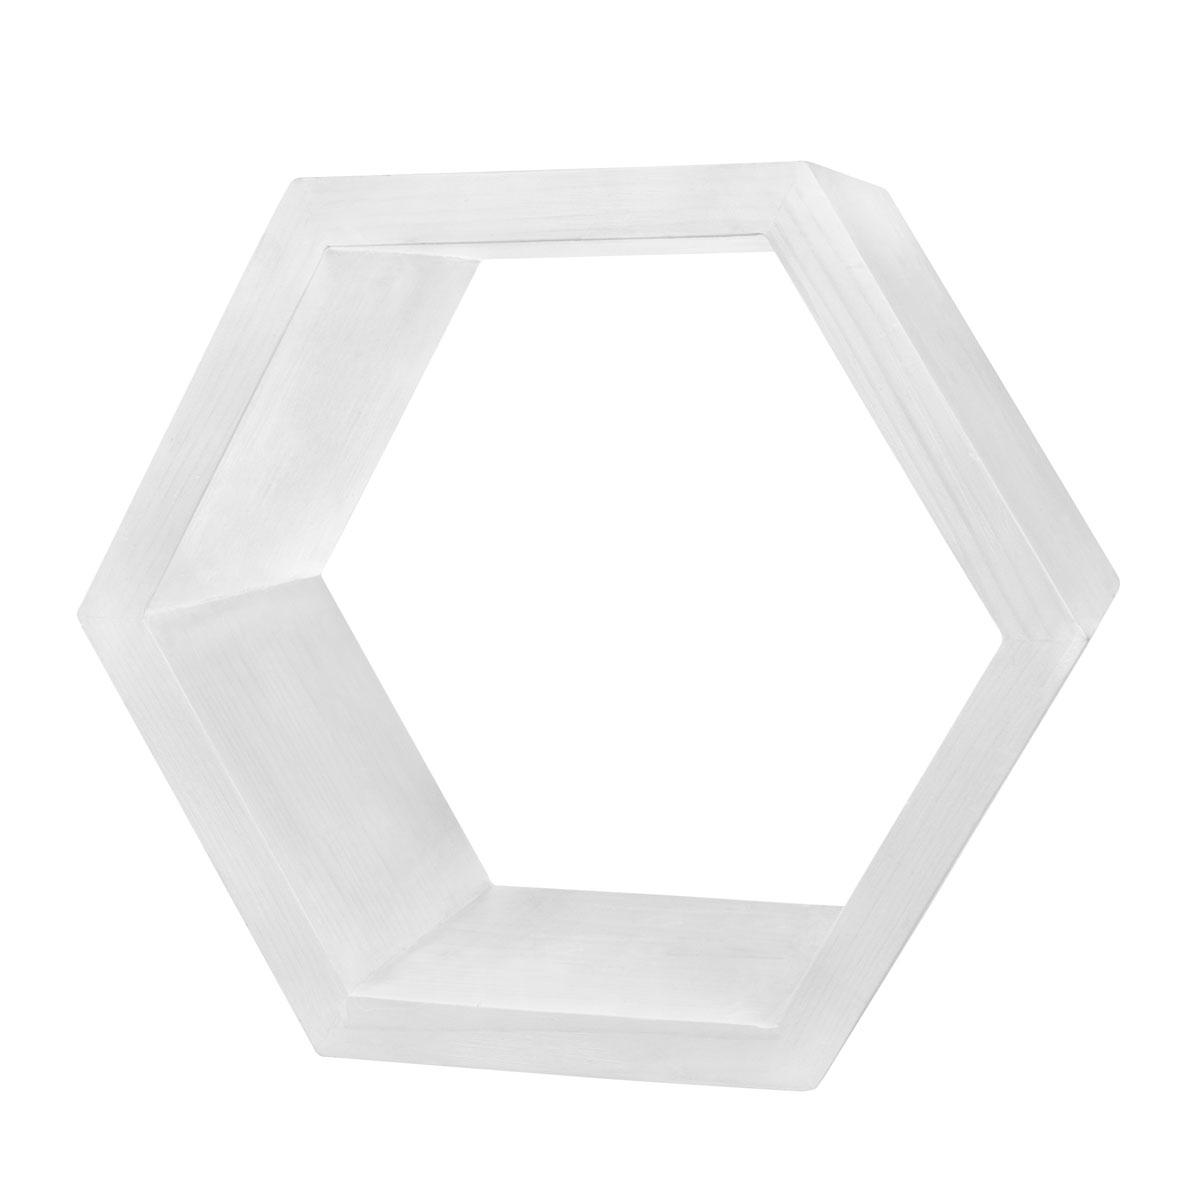 Декоративная полка EcoWoo 20 см, цвет: белыйCM000001326Оригинальные деревянные полки шестигранники. Отличное решение для декорирования комнаты. Несколько полок можно складывать в причудливые сочетания, ограниченные только вашей фантазией. Любой цвет и размер. Станьте креативными дизайнерами своего жилого пространства!